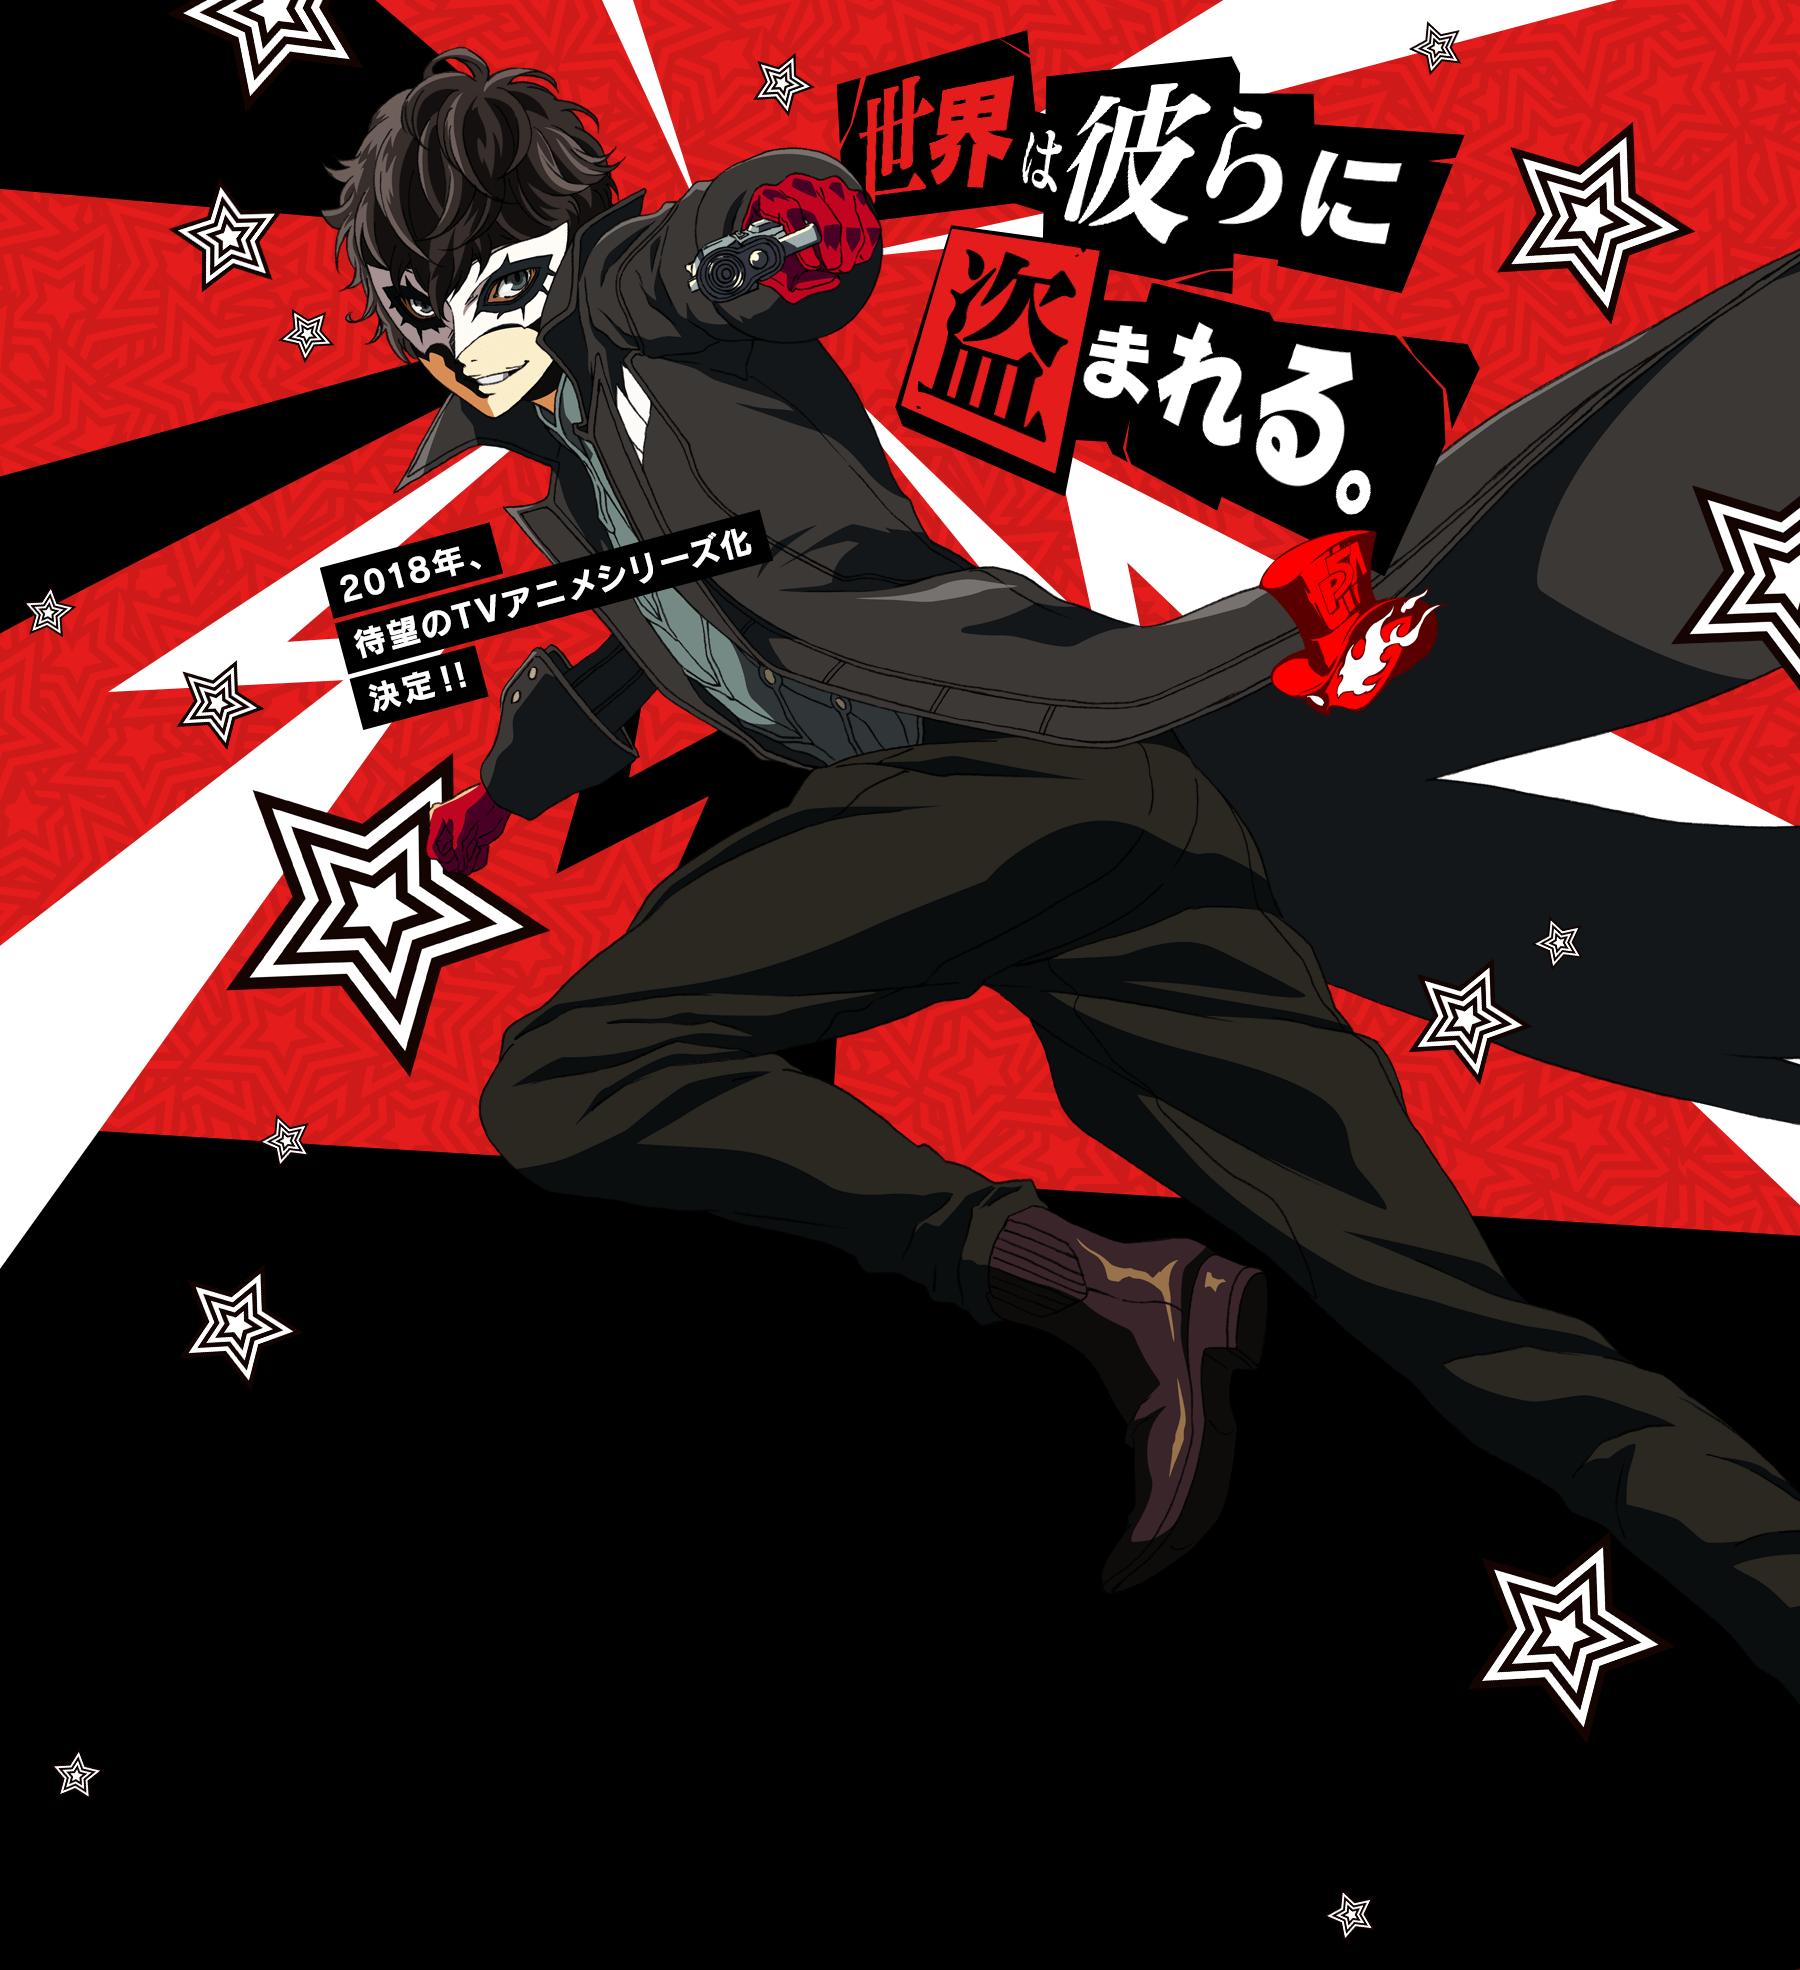 페르소나5 2018년 TV 애니메이션화!